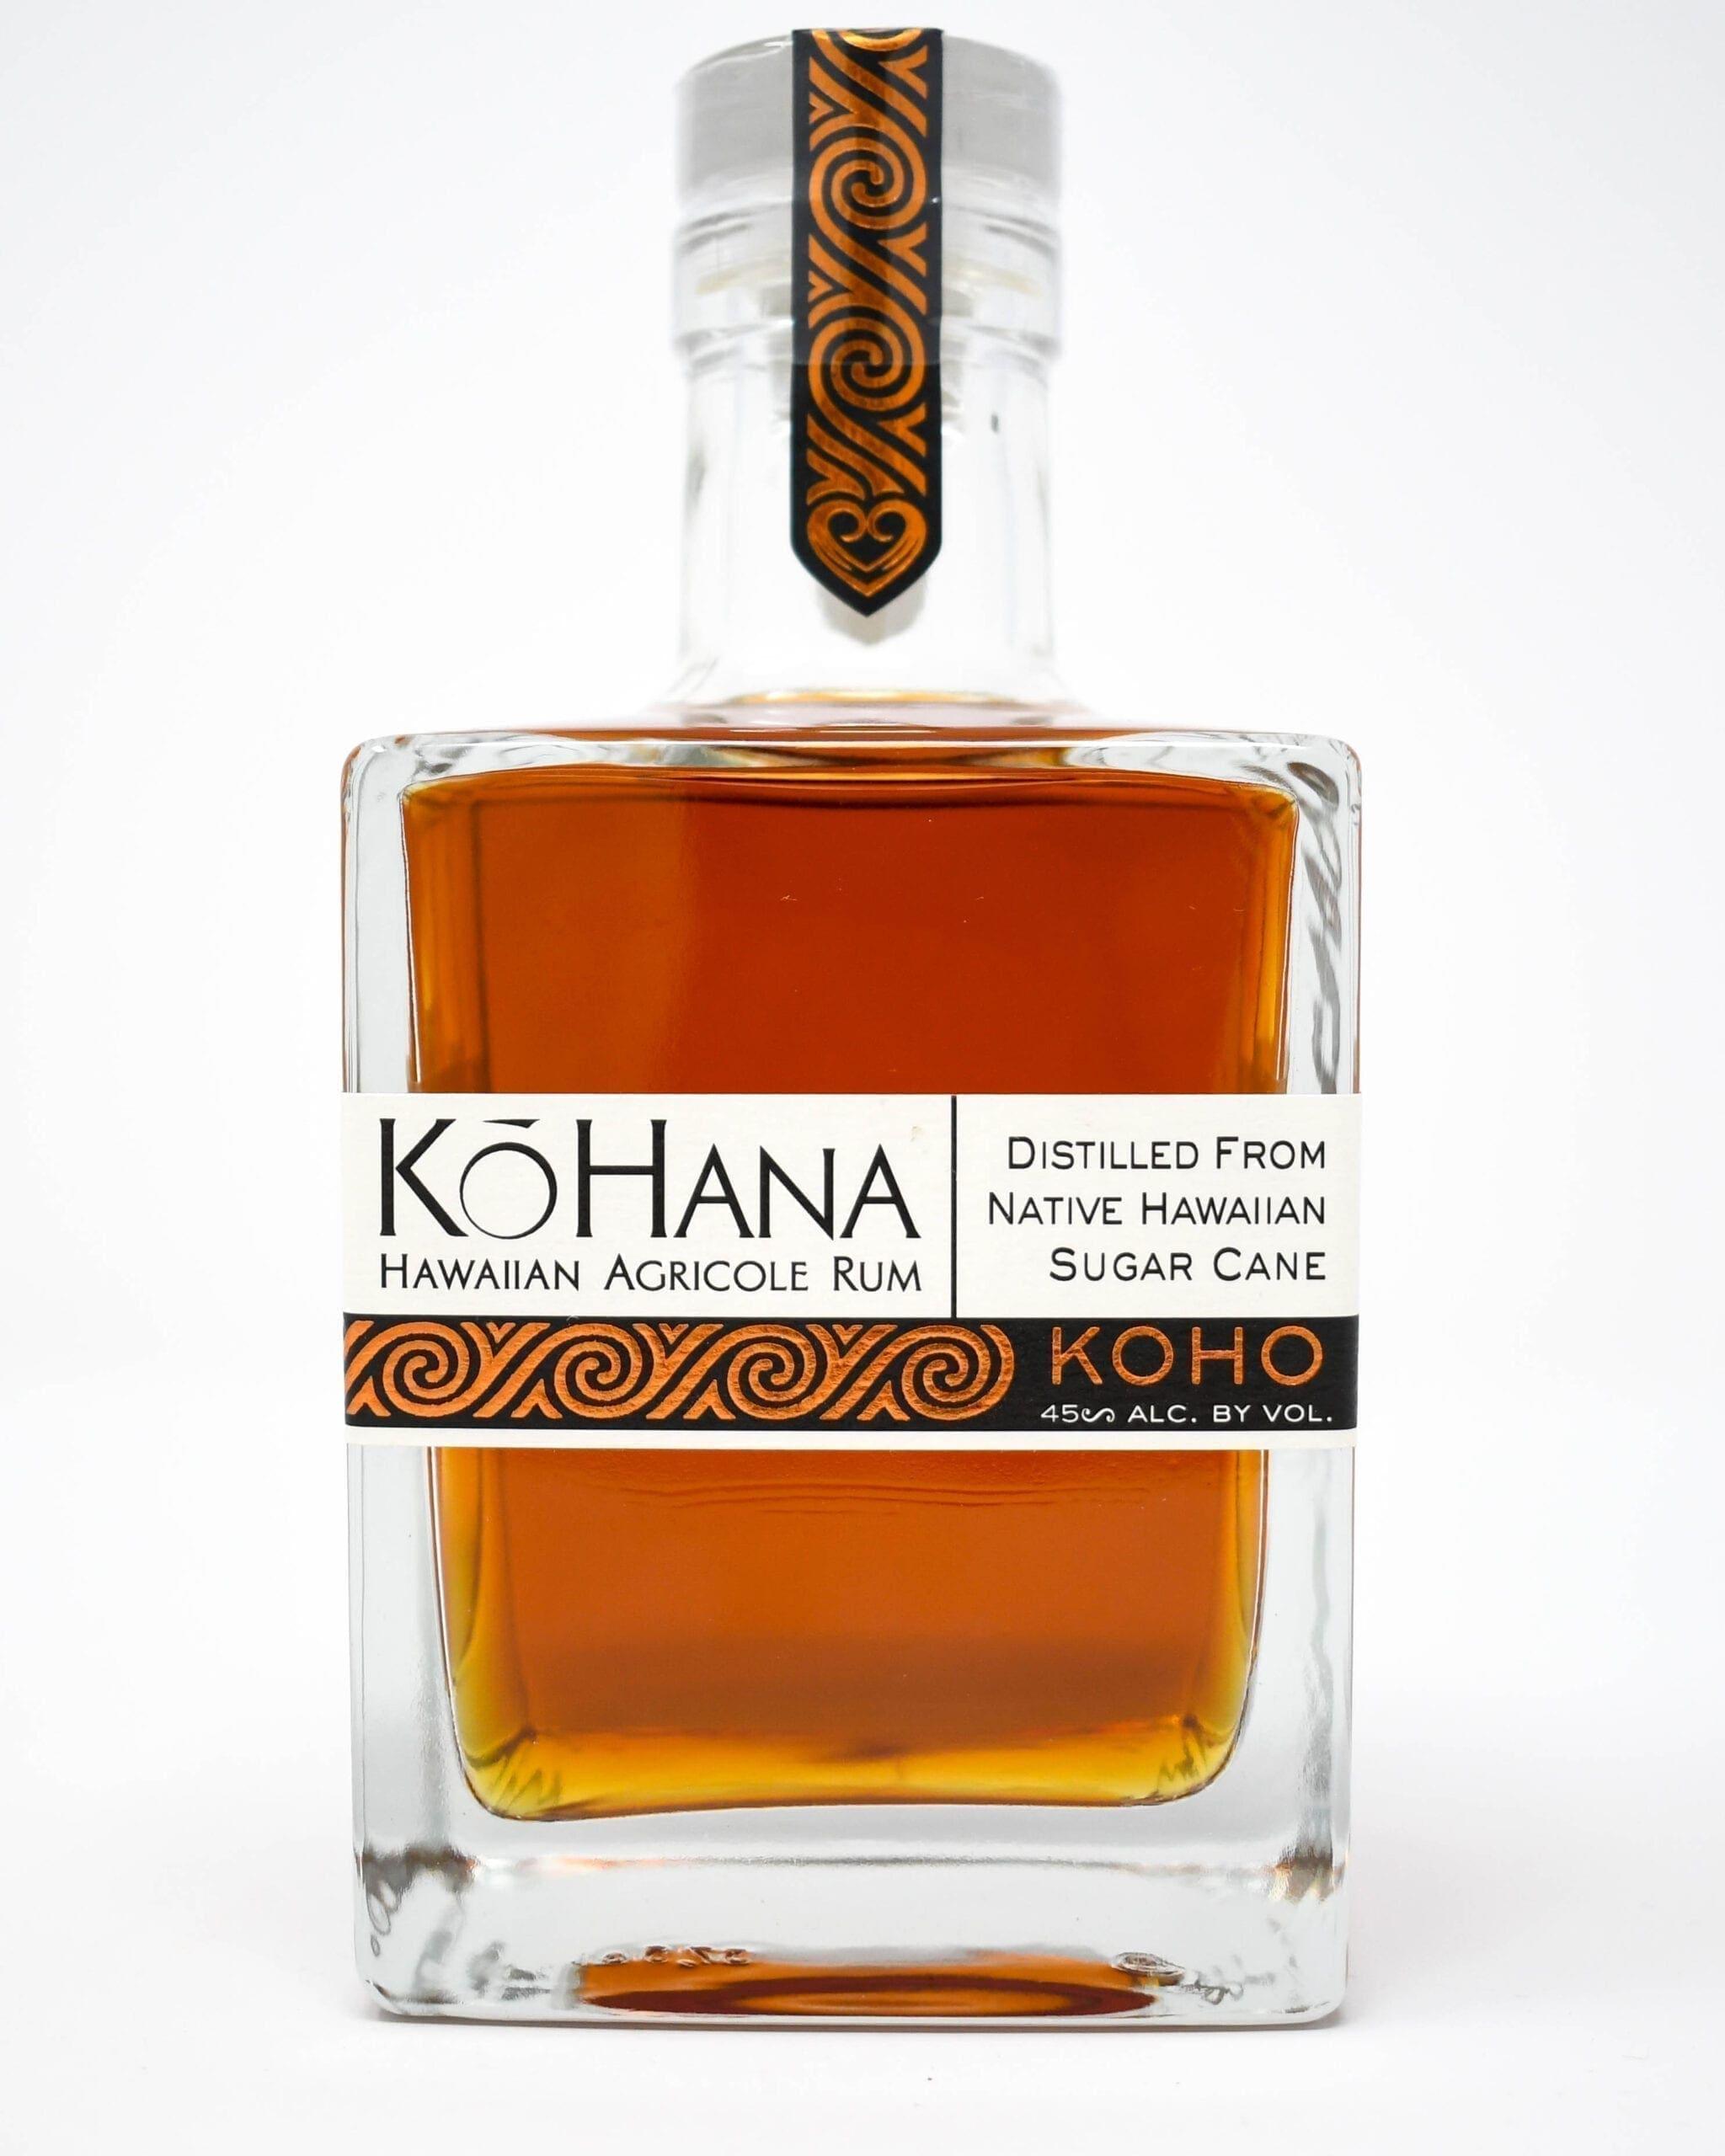 KoHana Dark Rum. Hawaiian Agricole Rum distilled from native Hawaiian sugar cane.